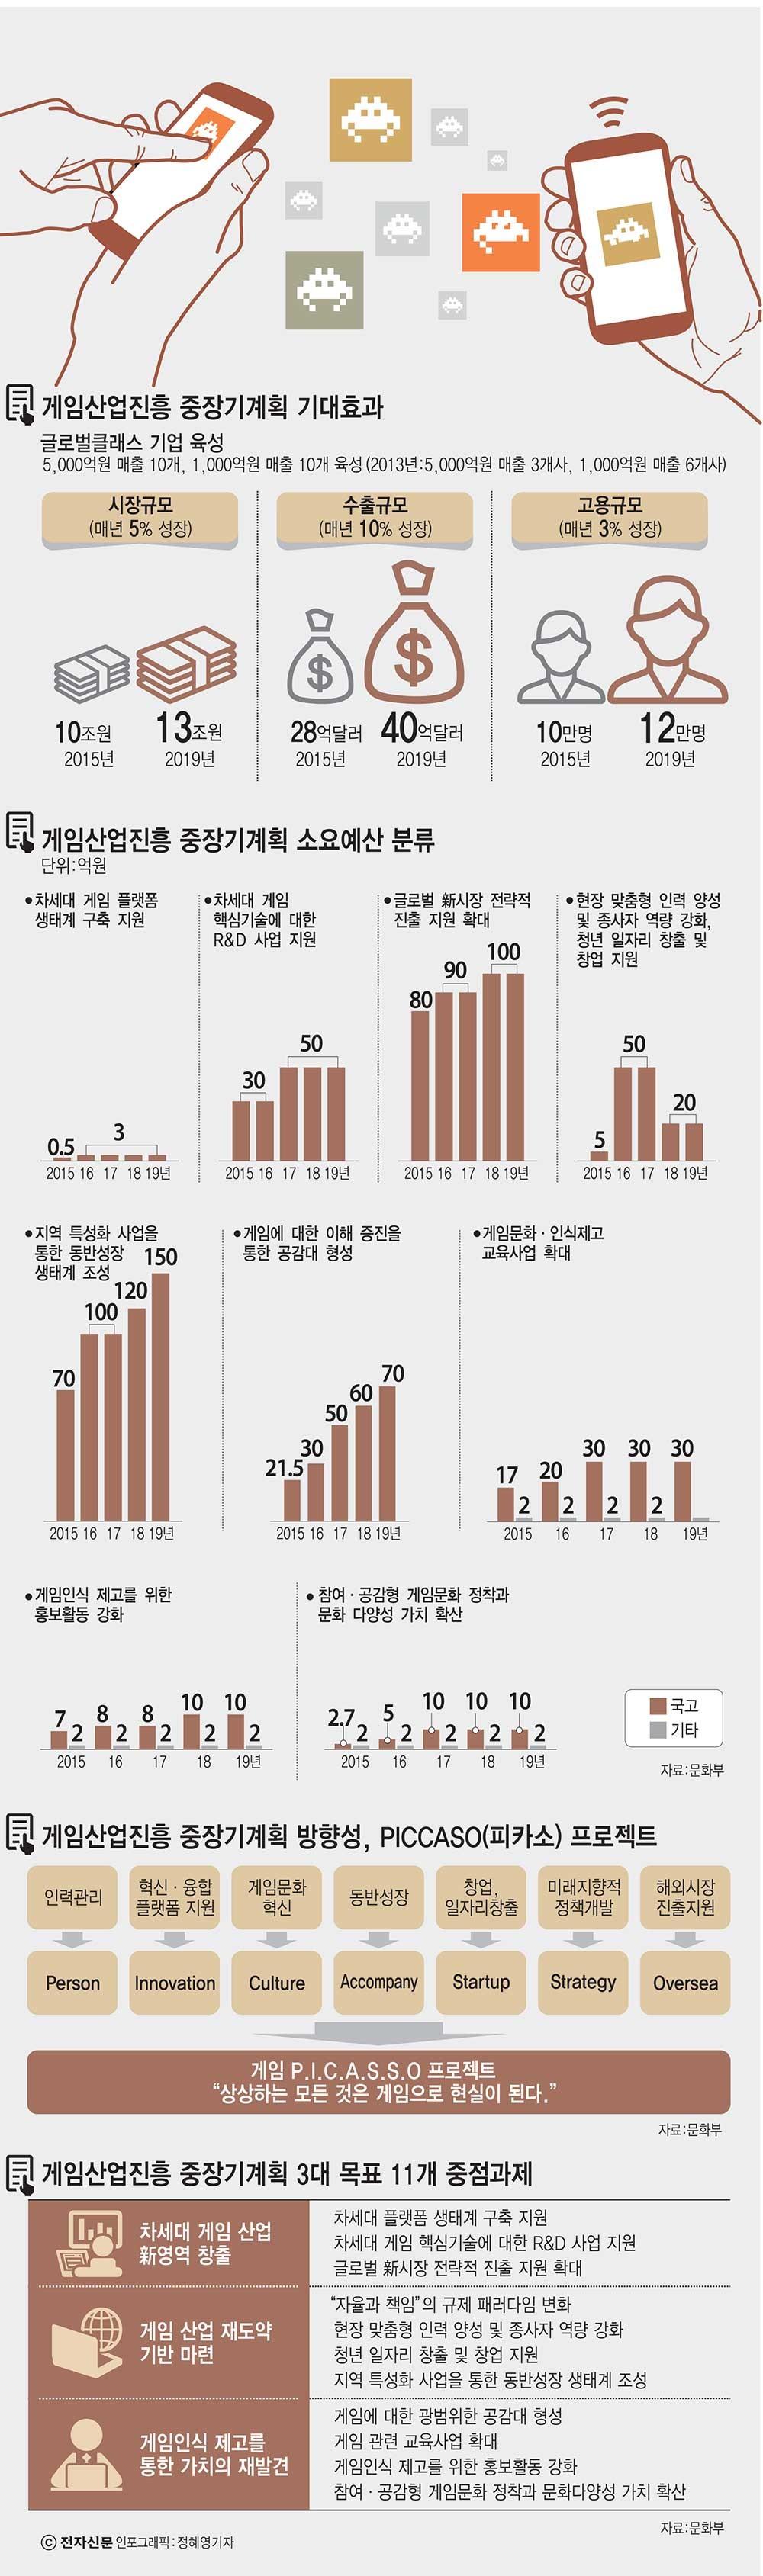 """[이슈분석] """"게임 잘하면 대입까지 특전""""...정부 e스포츠 게임산업 활성화 전면에 배치"""